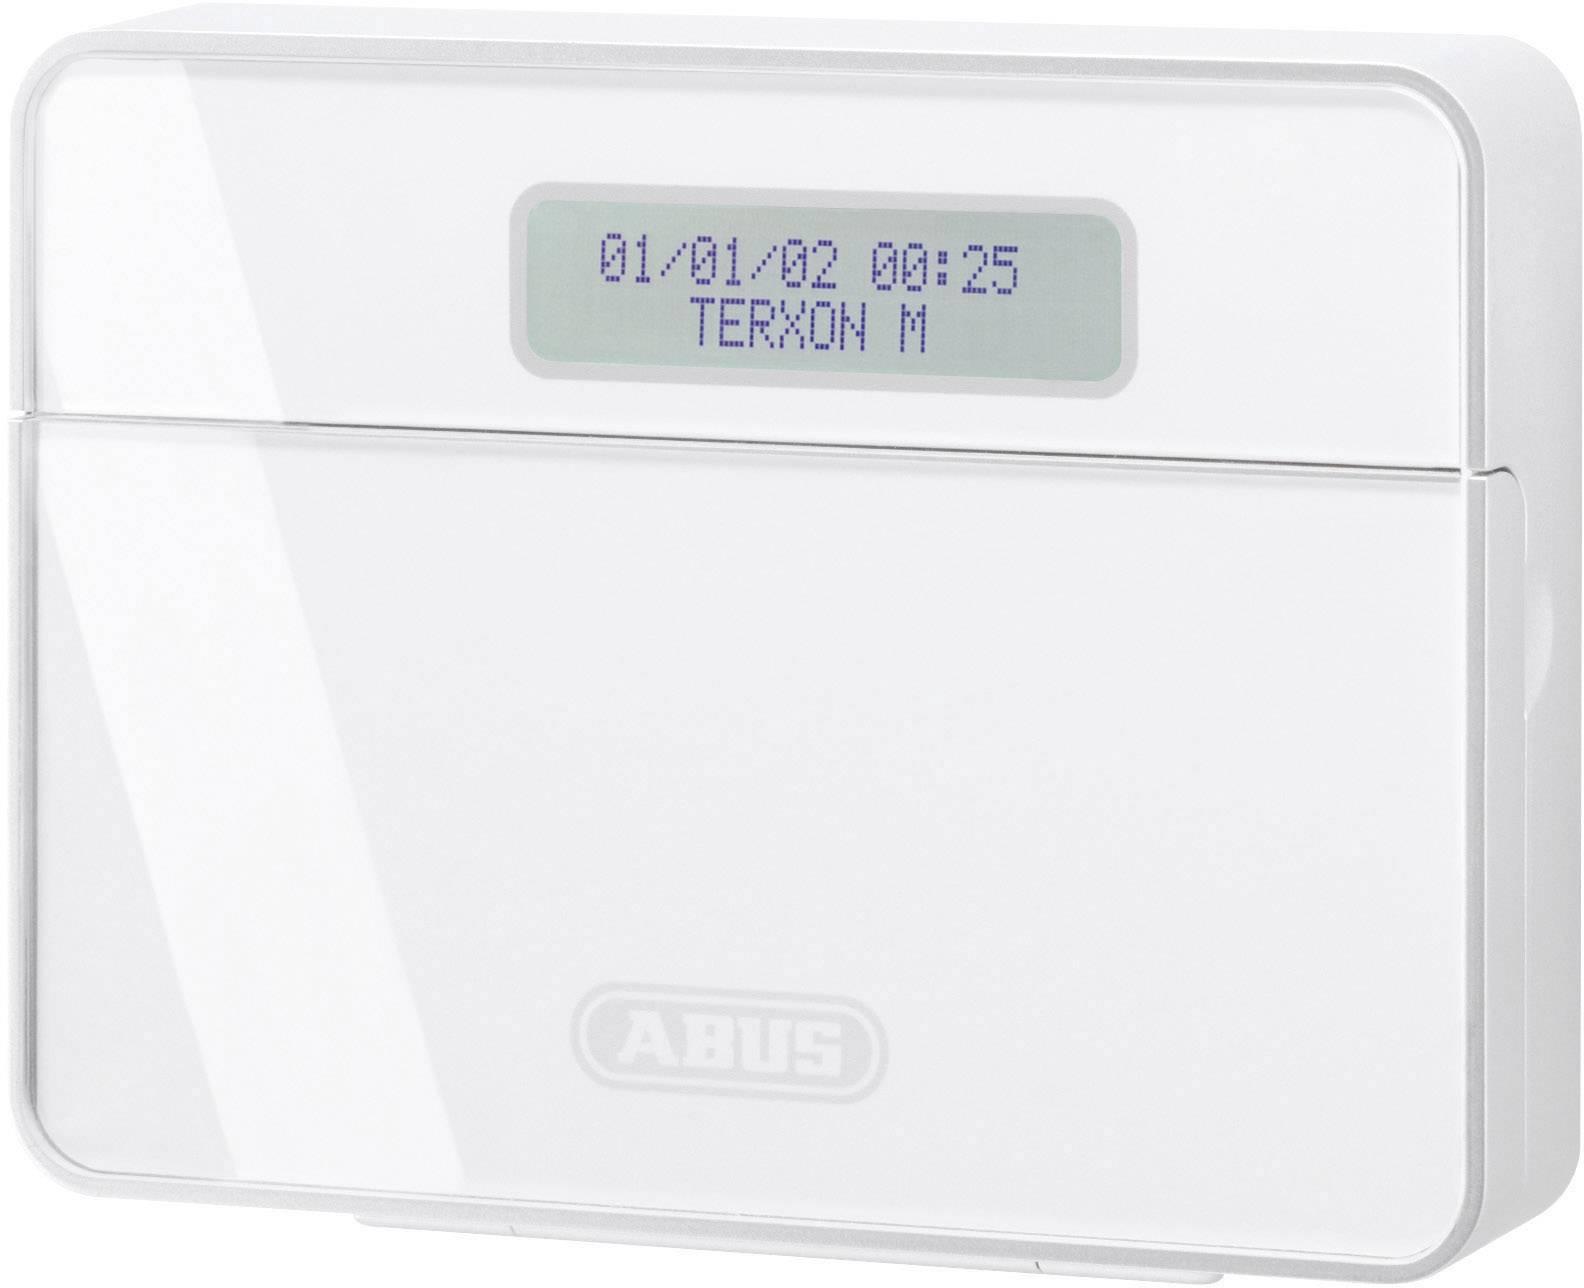 ABUS PSTN AZ6301